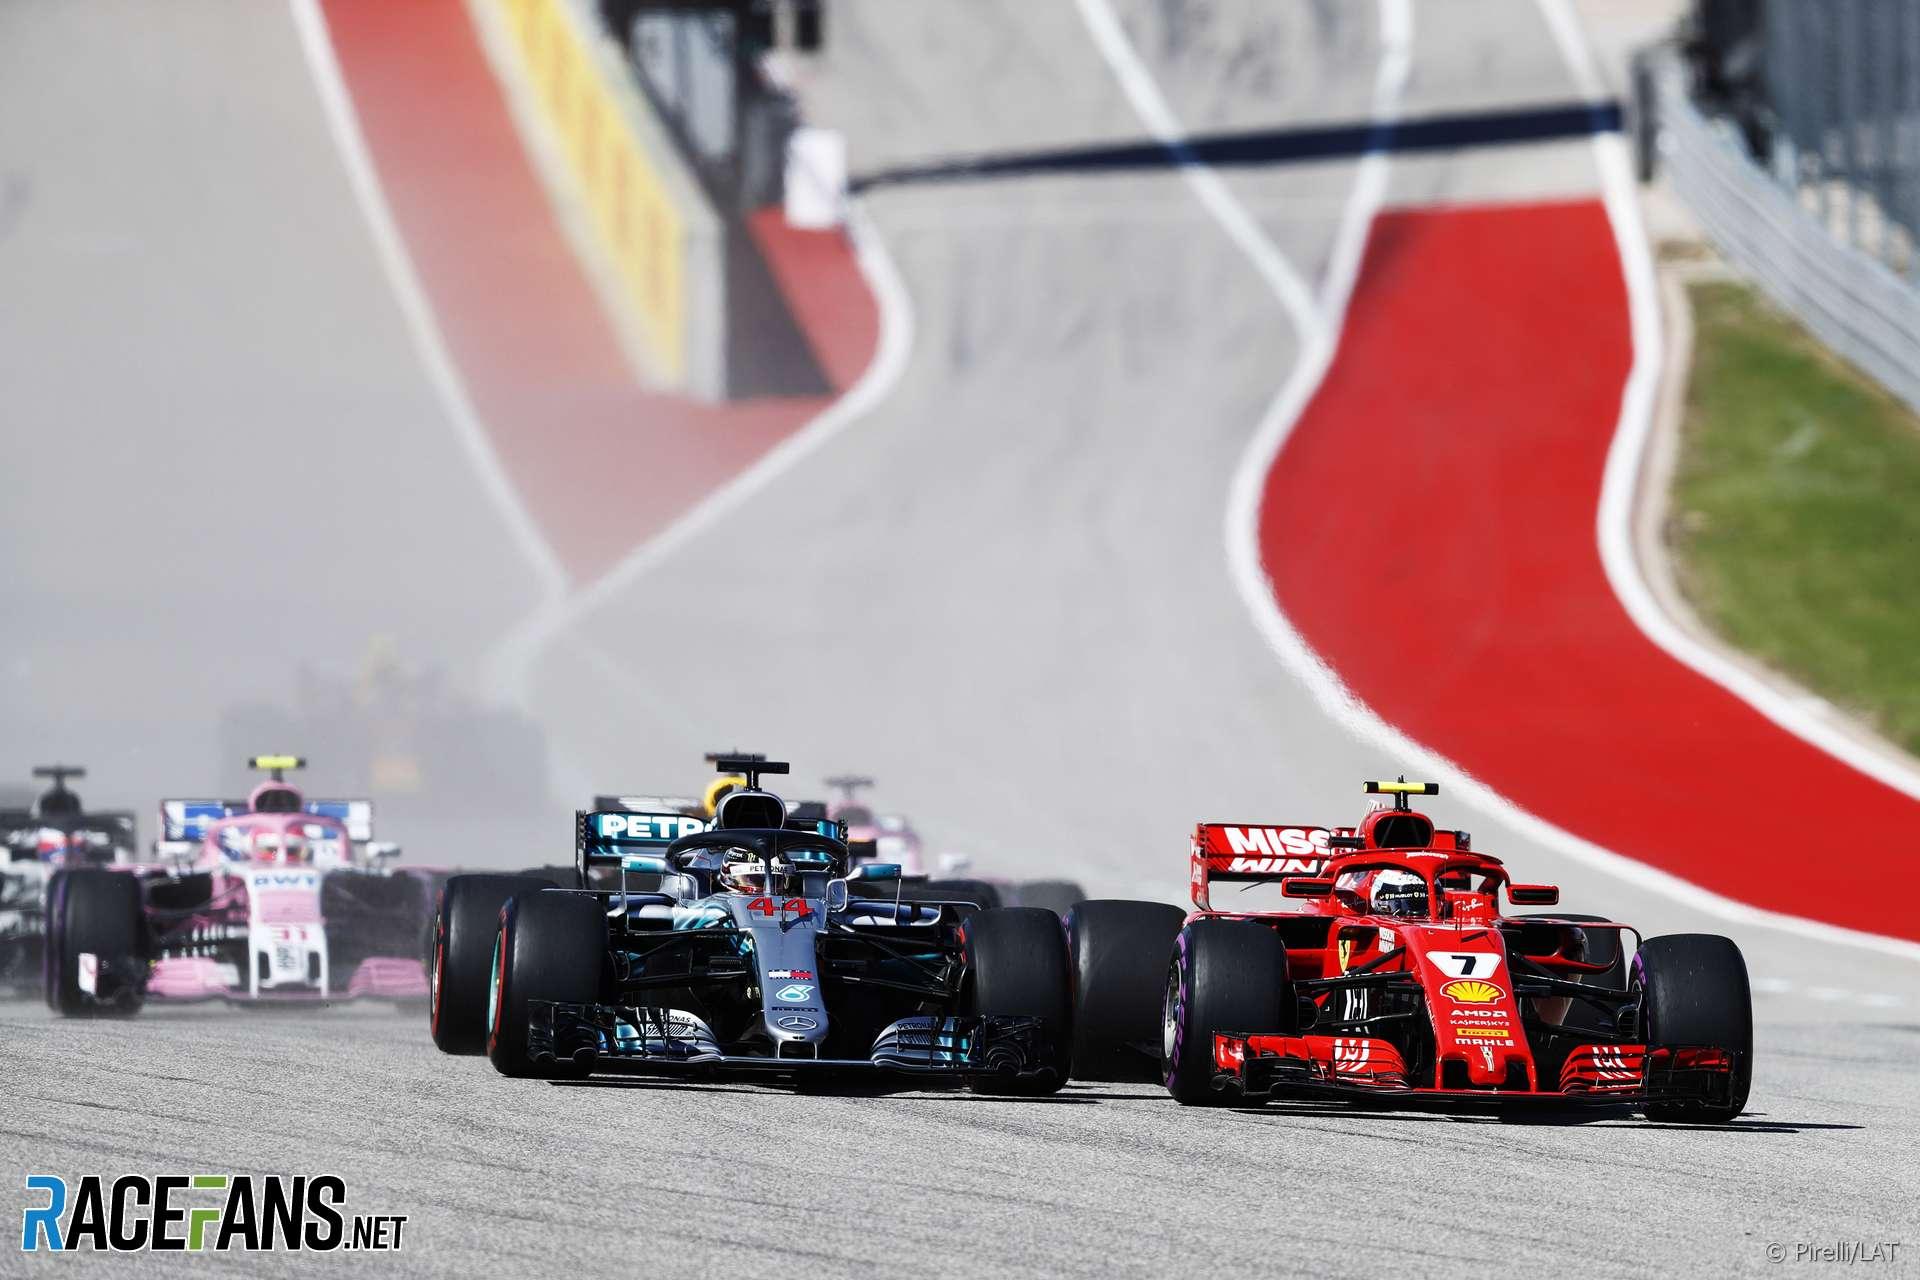 Lewis Hamilton, Kimi Raikkonen, Circuit of the Americas, 2018